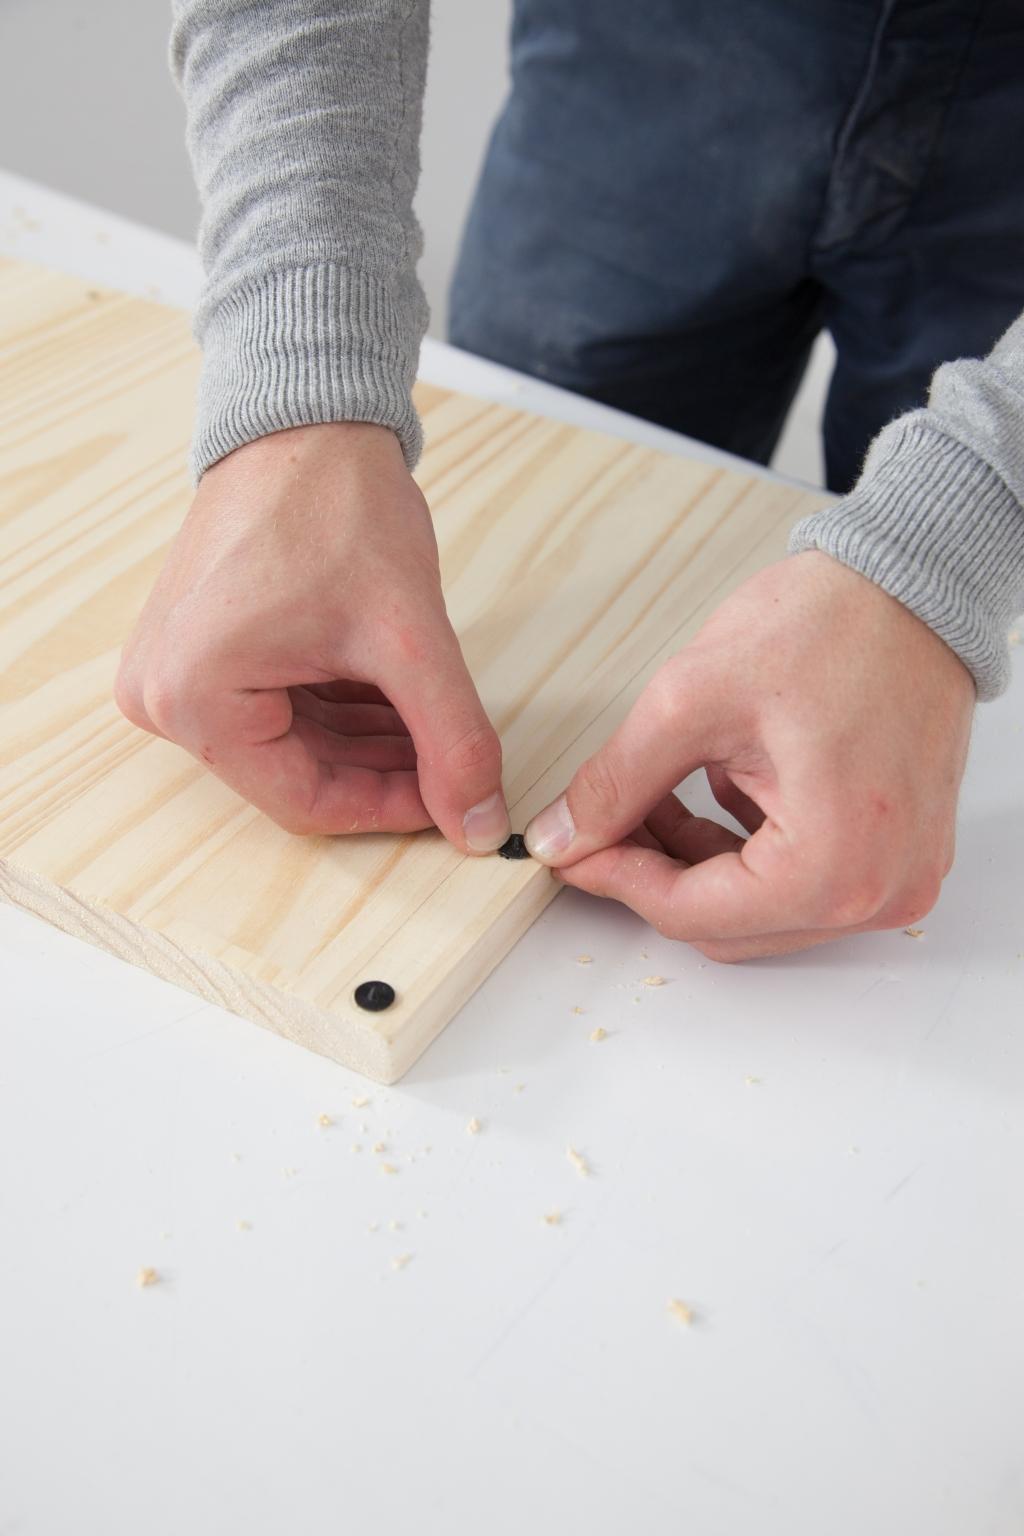 Créer une table de chevet - Étape 5